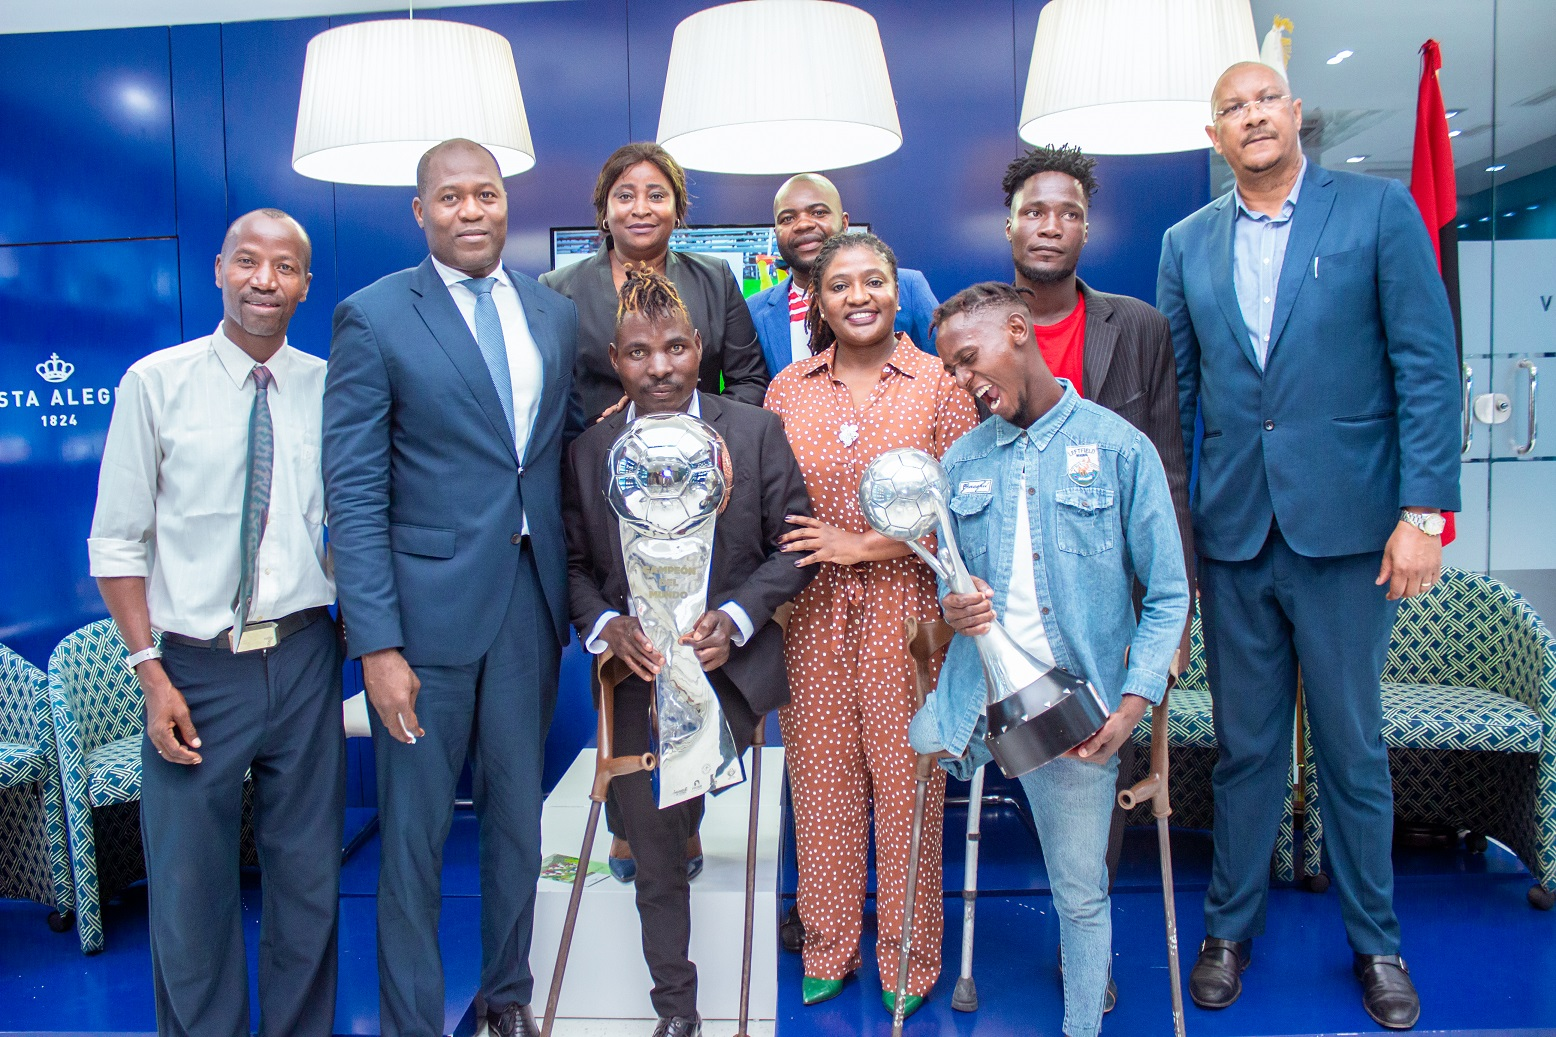 Vista Alegre apresenta a 1ª Agenda Cultural de 2020 e faz doação ao Comité Paralímpico Angolano